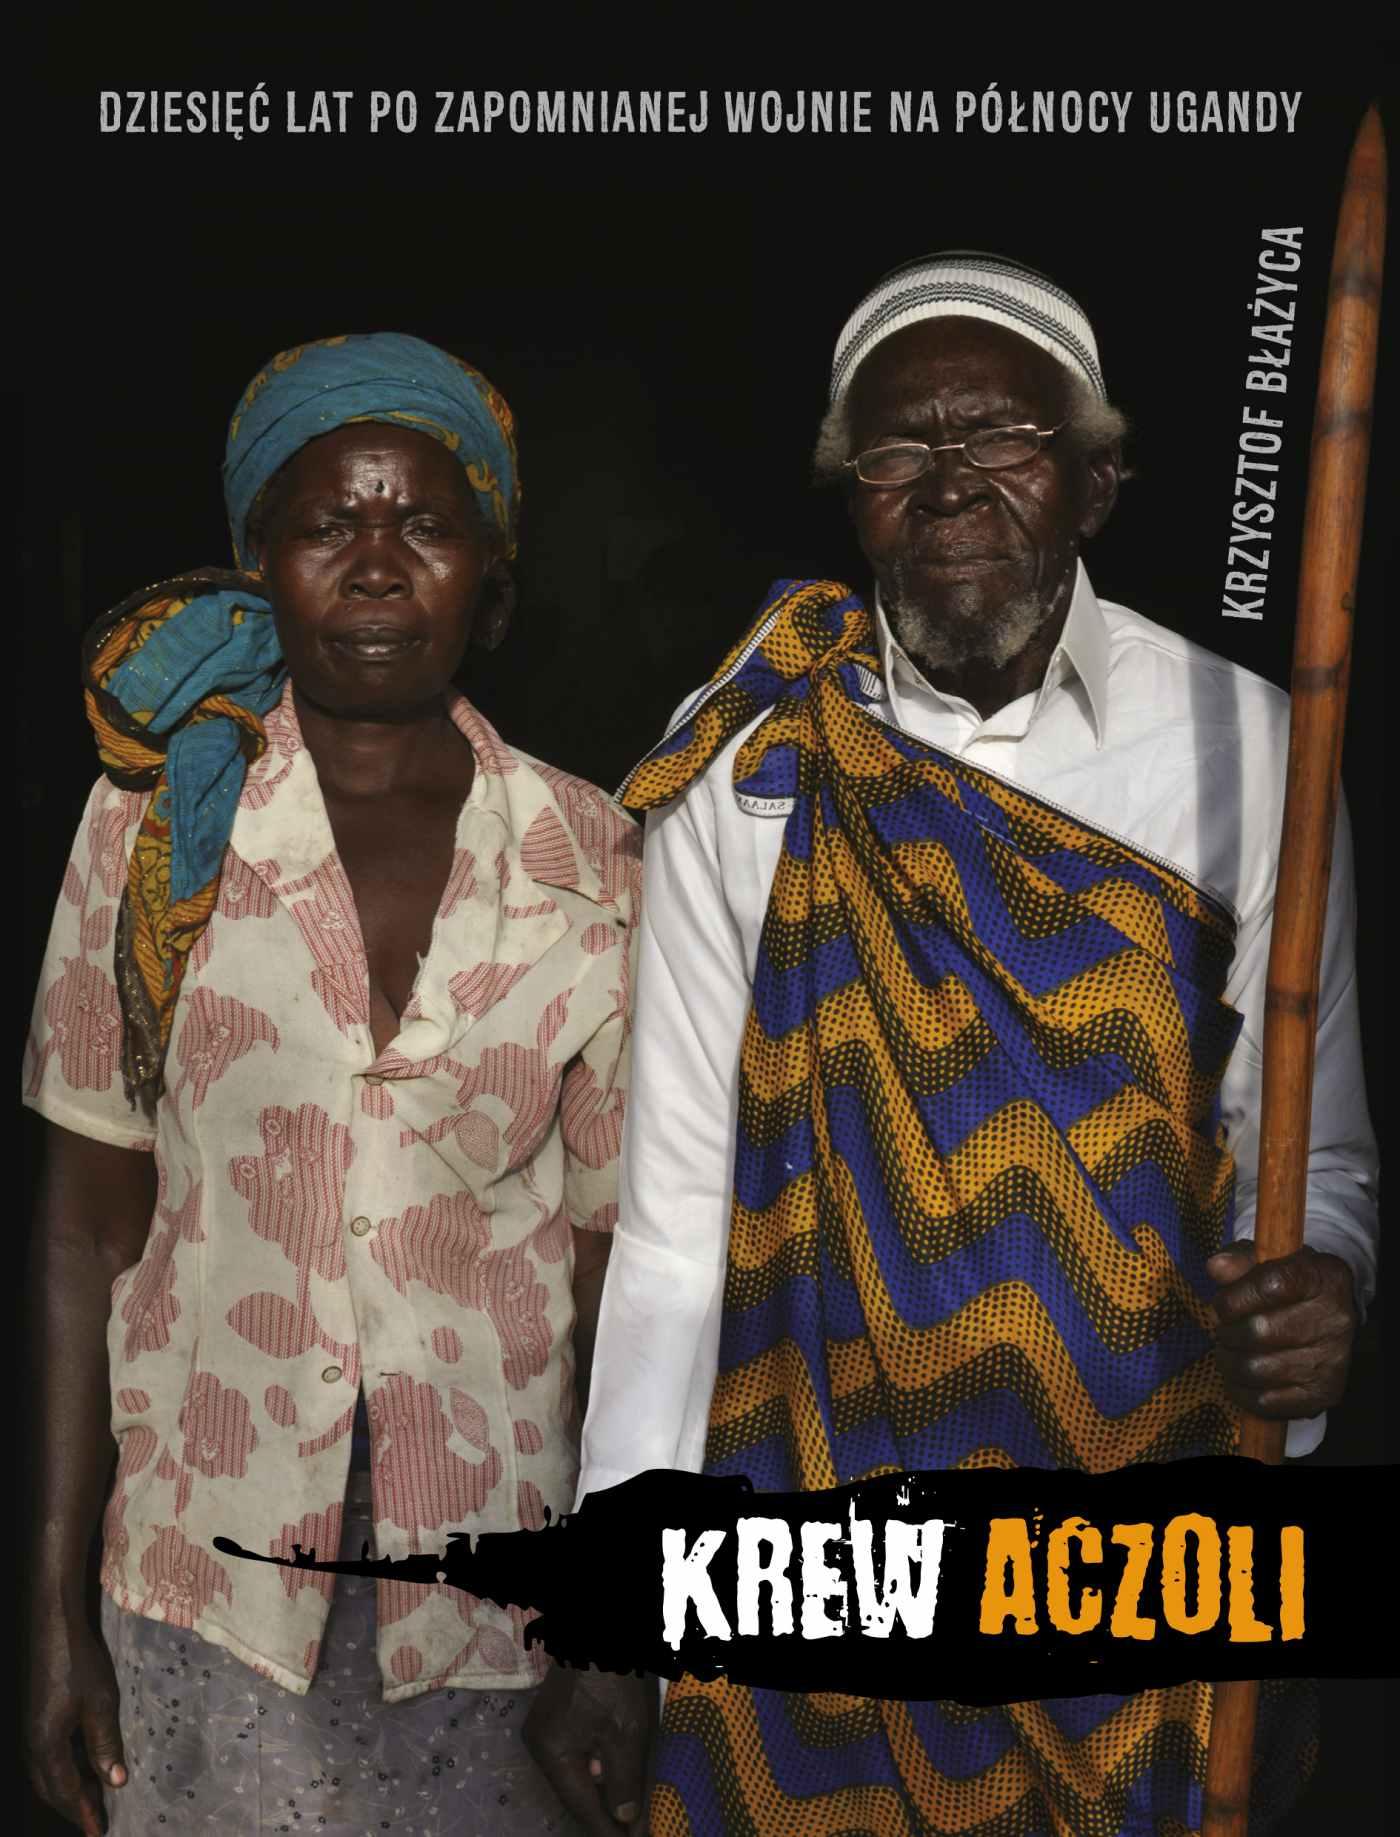 Krew Aczoli. Dziesięć lat po zapomnianej wojnie na północy Ugandy - Ebook (Książka EPUB) do pobrania w formacie EPUB